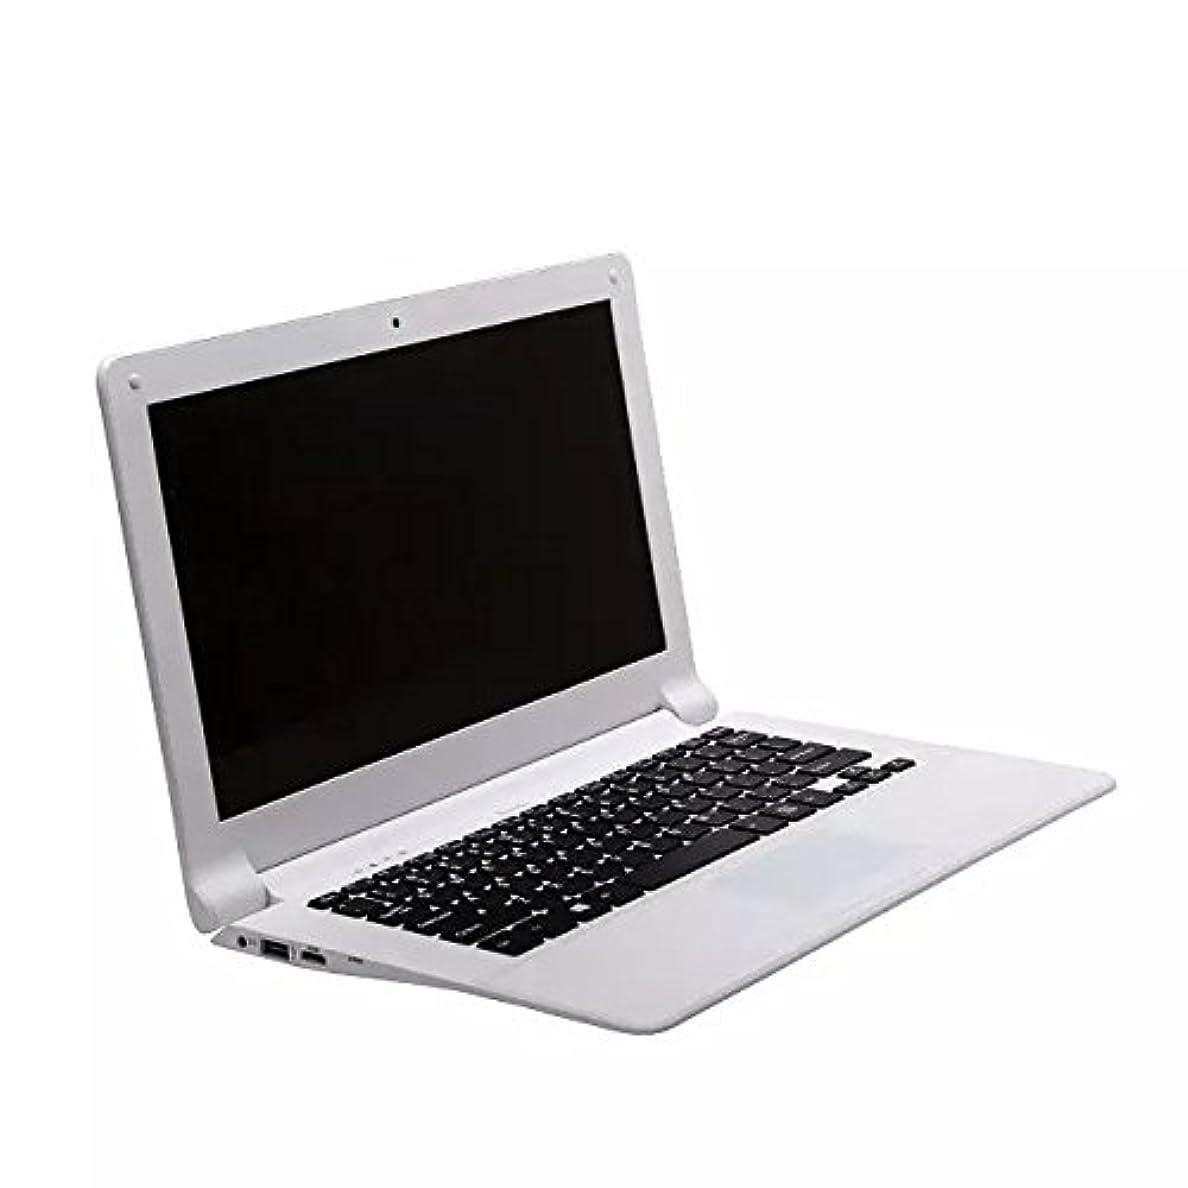 適合達成おなじみのマイクロソフト Surface Laptop 2 [サーフェス ラップトップ 2 ノートパソコン]Office Home and Business 2019 / Windows 10 Home / 13.5 インチ Core i5/ 128GB/8GB プラチナ LQL-00025